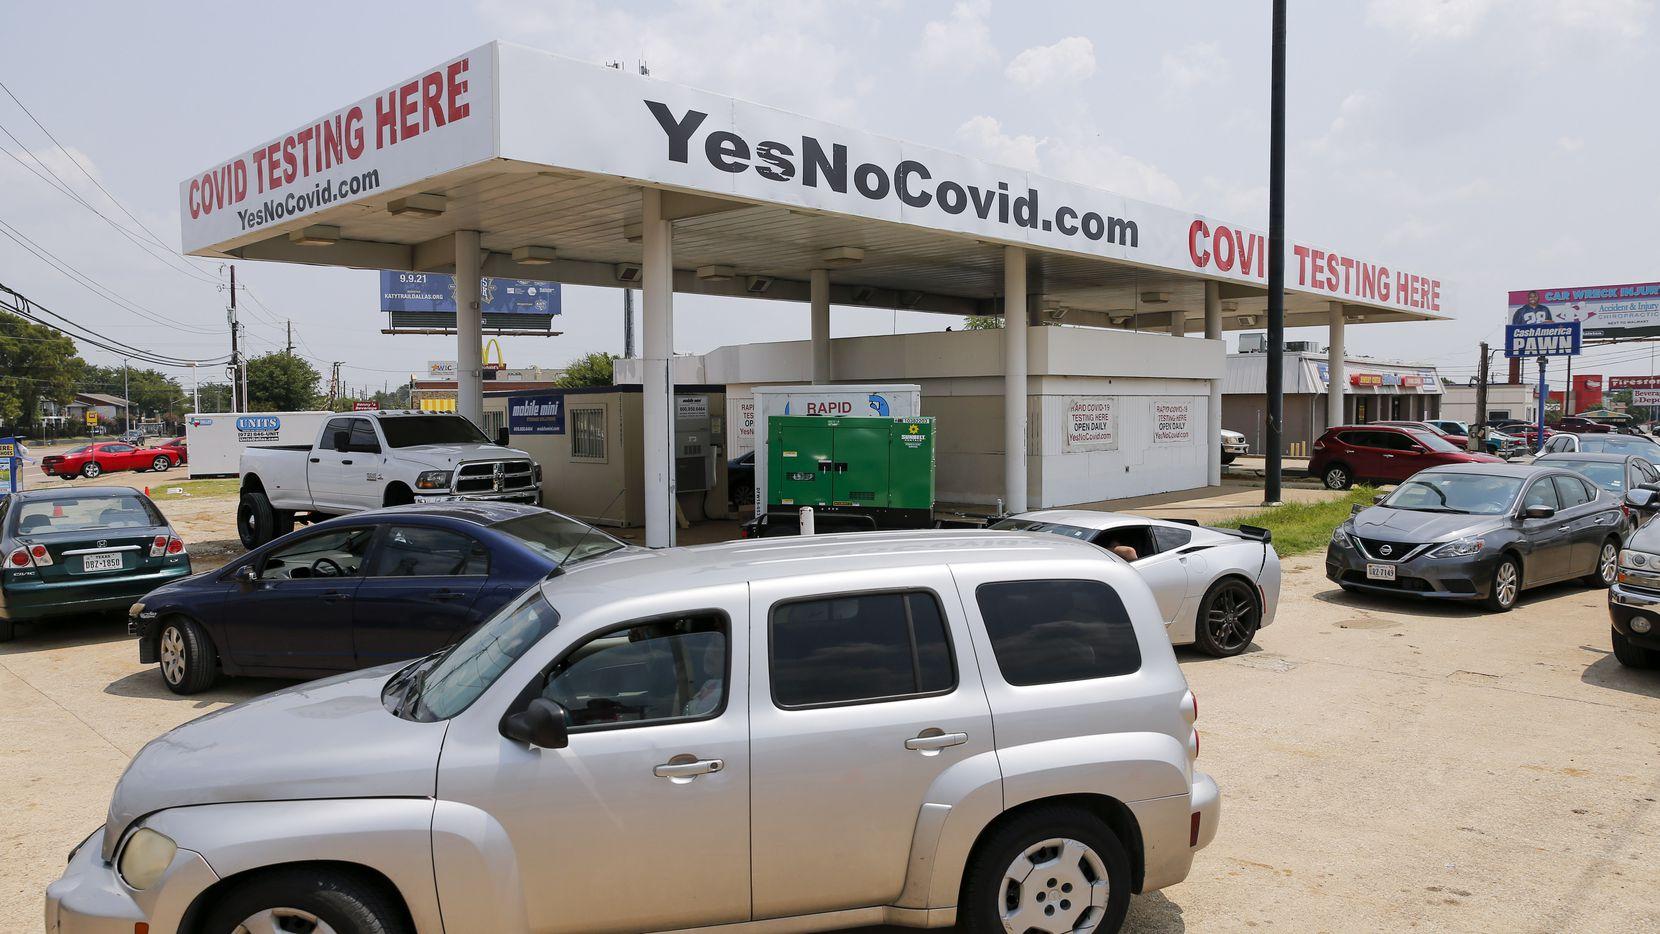 Filas de autos en YesNoCovid, un sitio de pruebas drive thru en el noreoeste de Dallas. Debido al incremento de casos de la variante delta de covid-19, los CDC recomiendan continuar realizándose pruebas aunque ya esté completamente vacunado.